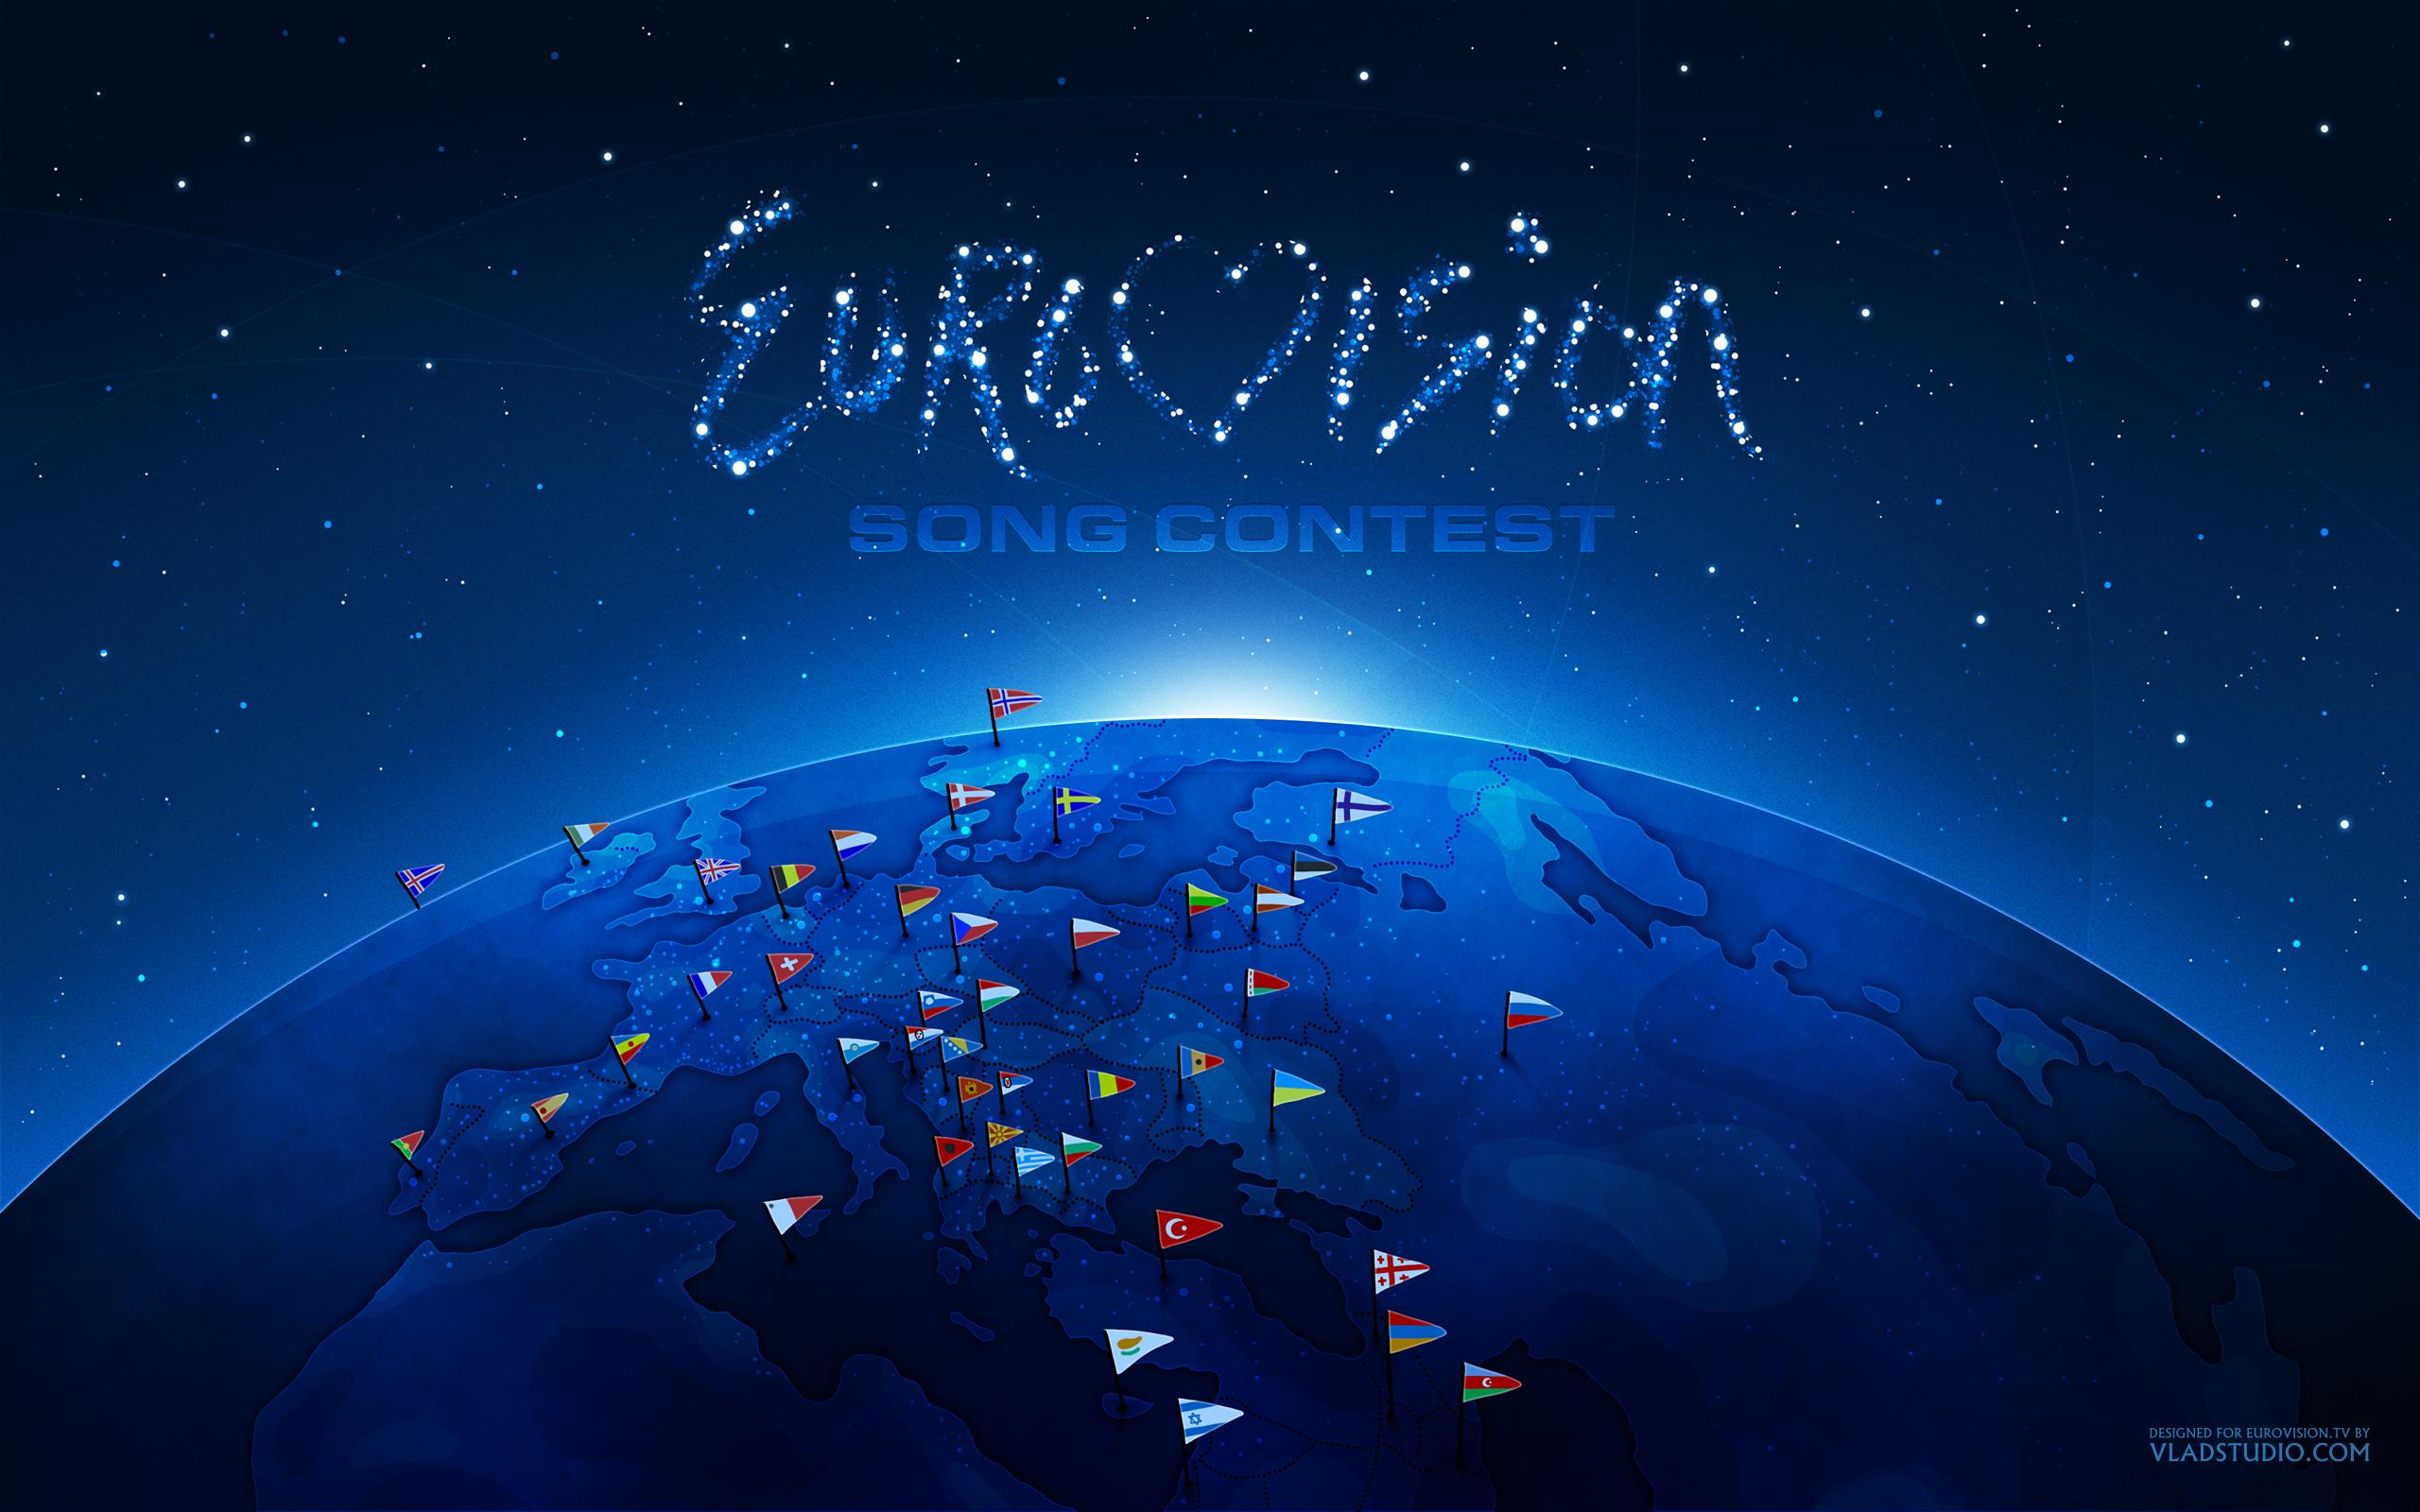 норвегия евровидение 2015 песня слушать